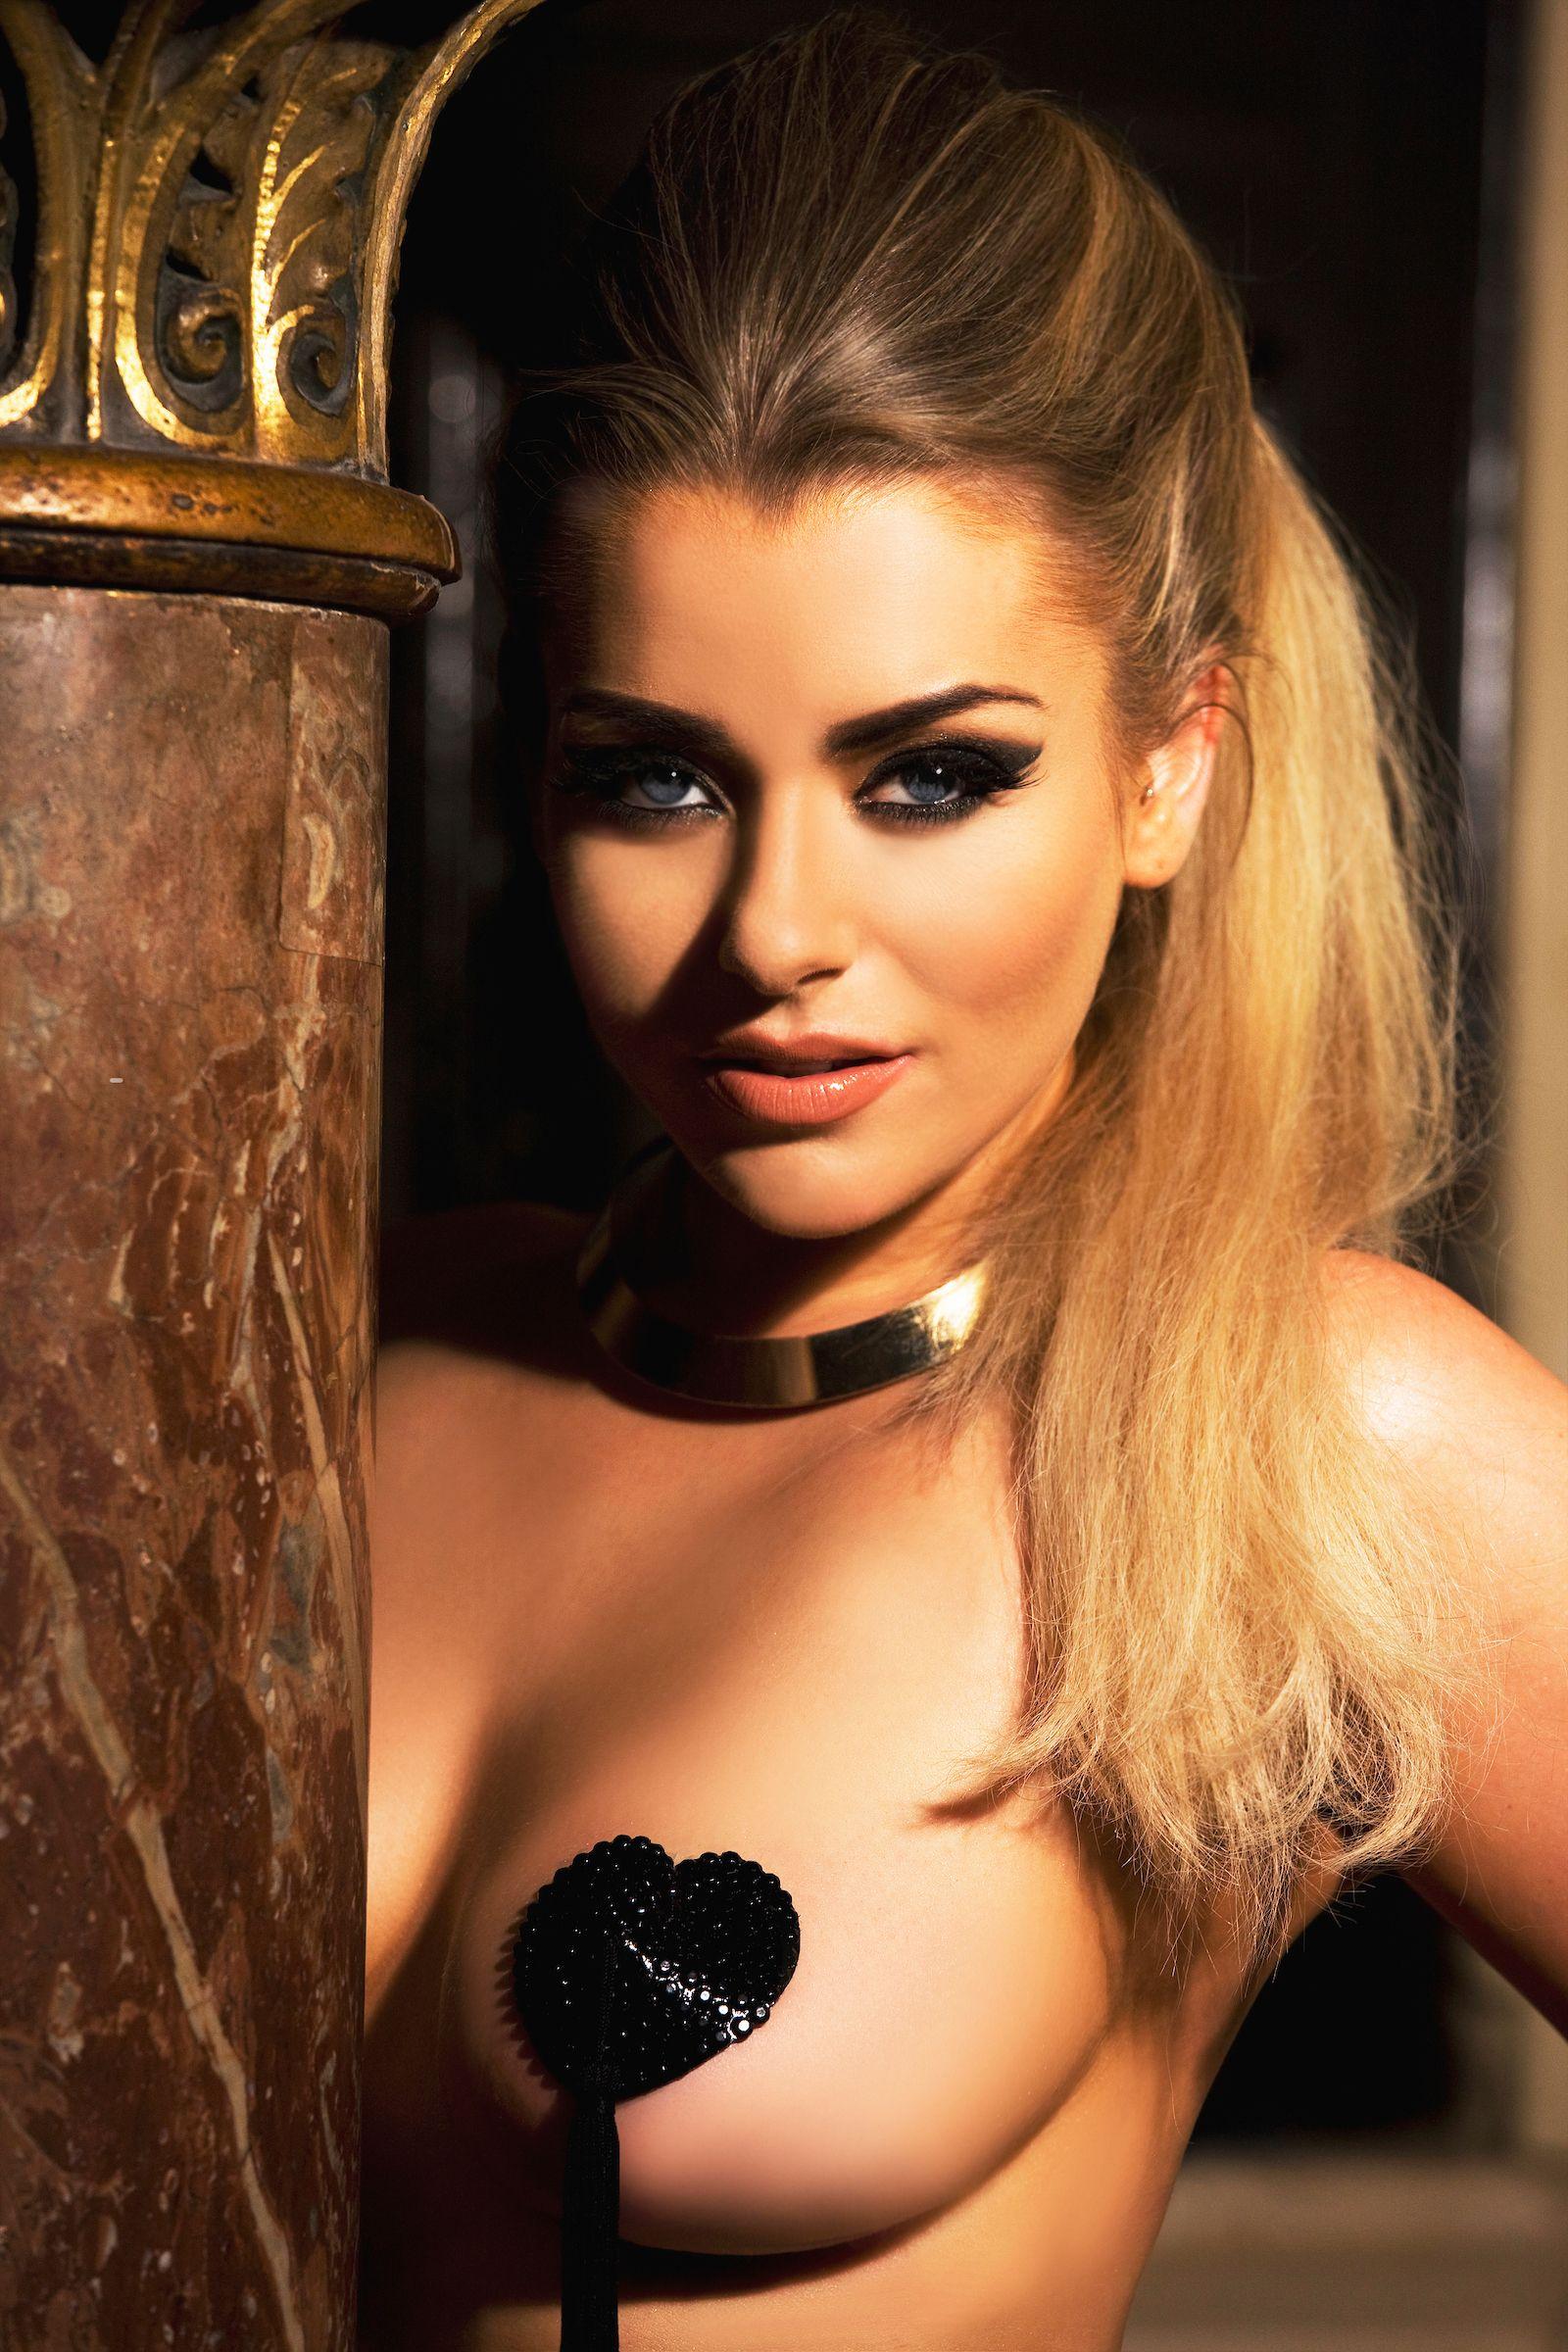 Фанатка дня. Эми Кристоферс — экс-модель «Playboy» , журналистка, телеведущая и ярая болельщица «Челси»!